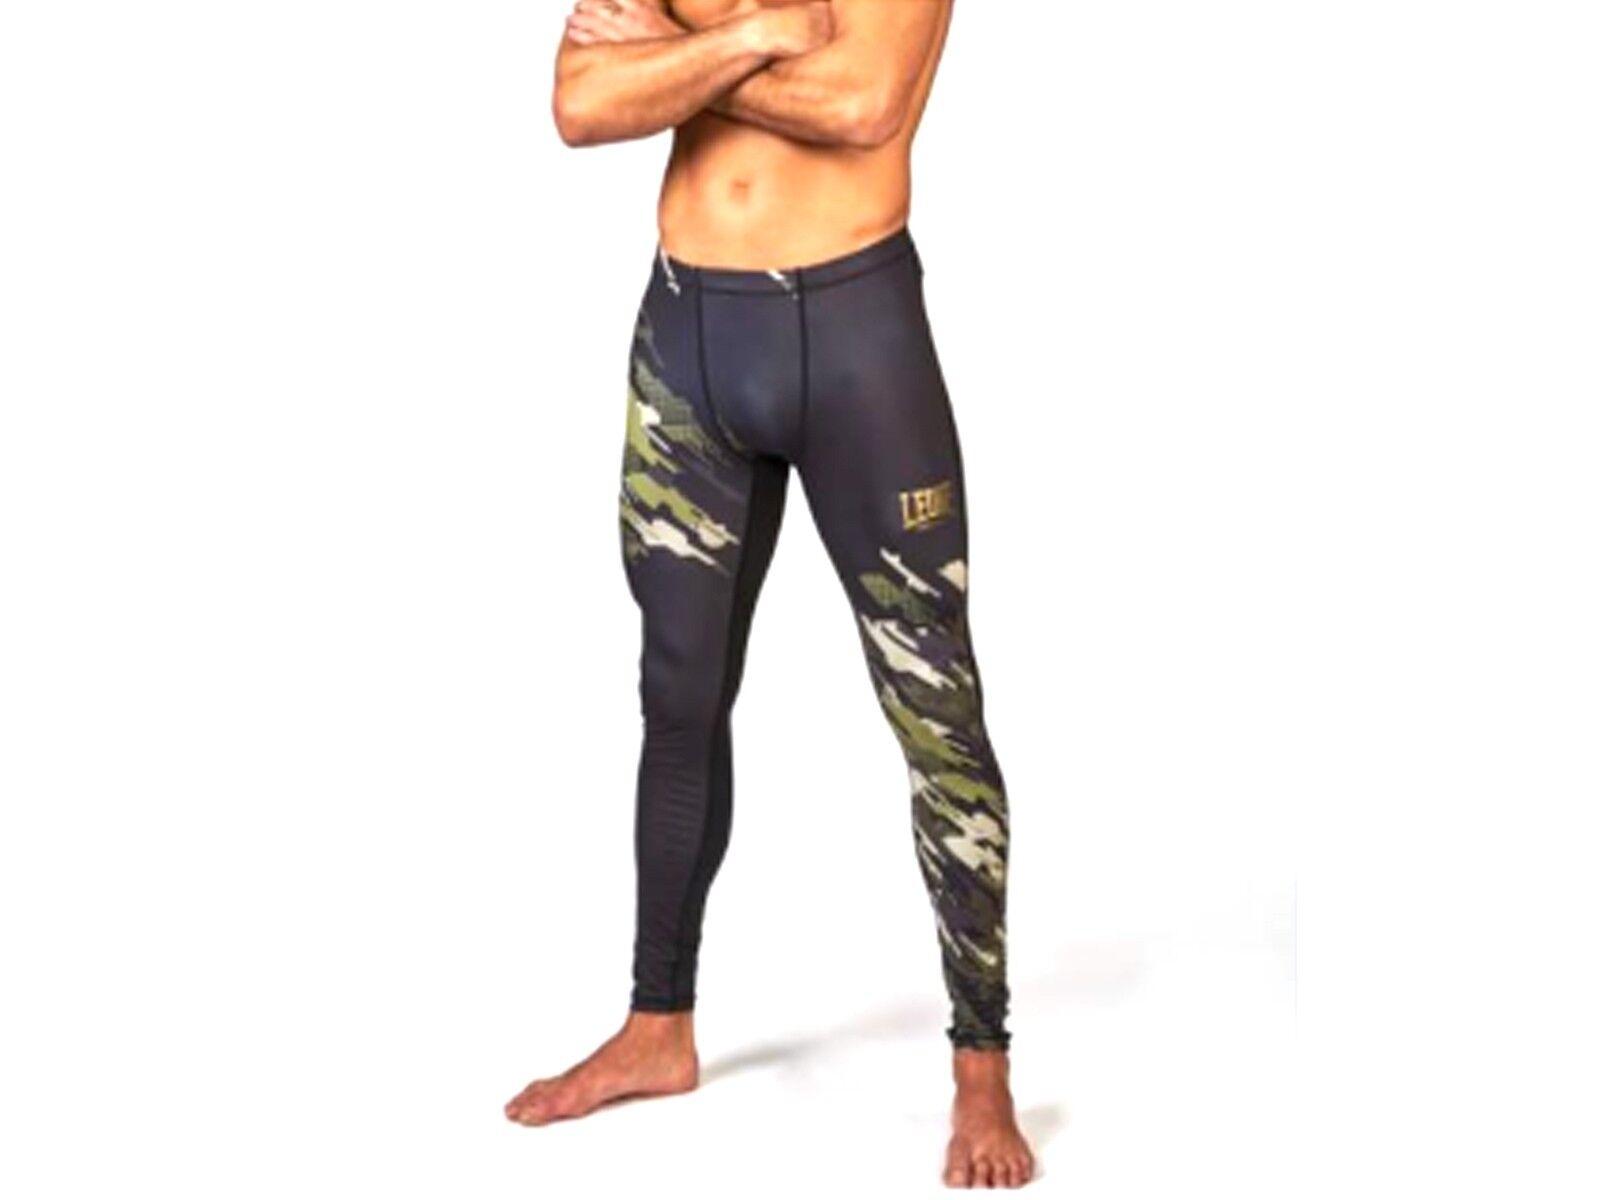 PANTALONI MMA  LEONE  ABX56 16 NEO CAMO COMPRESSION VERDE/MIM